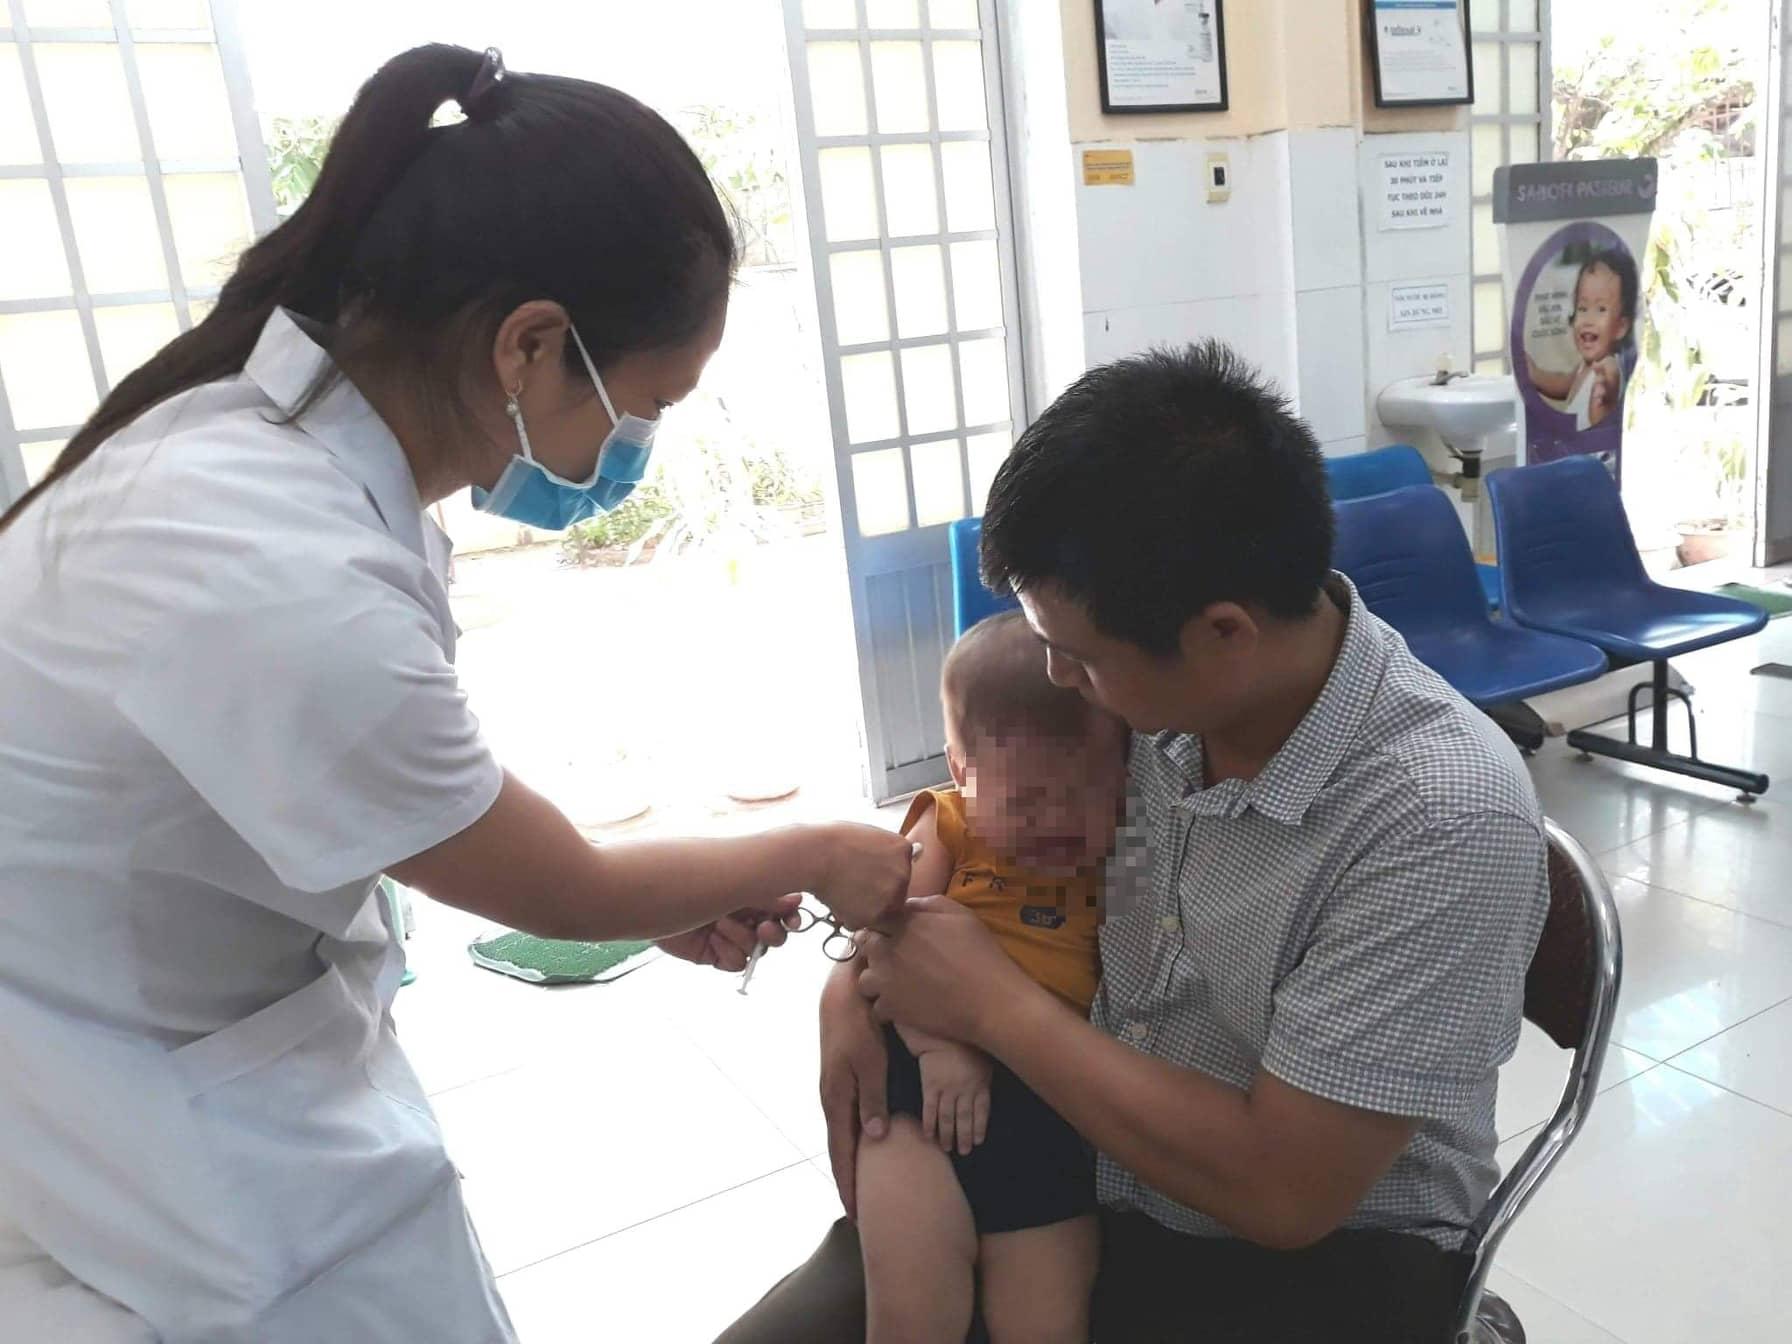 Tiêm phòng vắc xin sởi là biện pháp phòng bệnh hiệu quả nhất. Ảnh: C.N